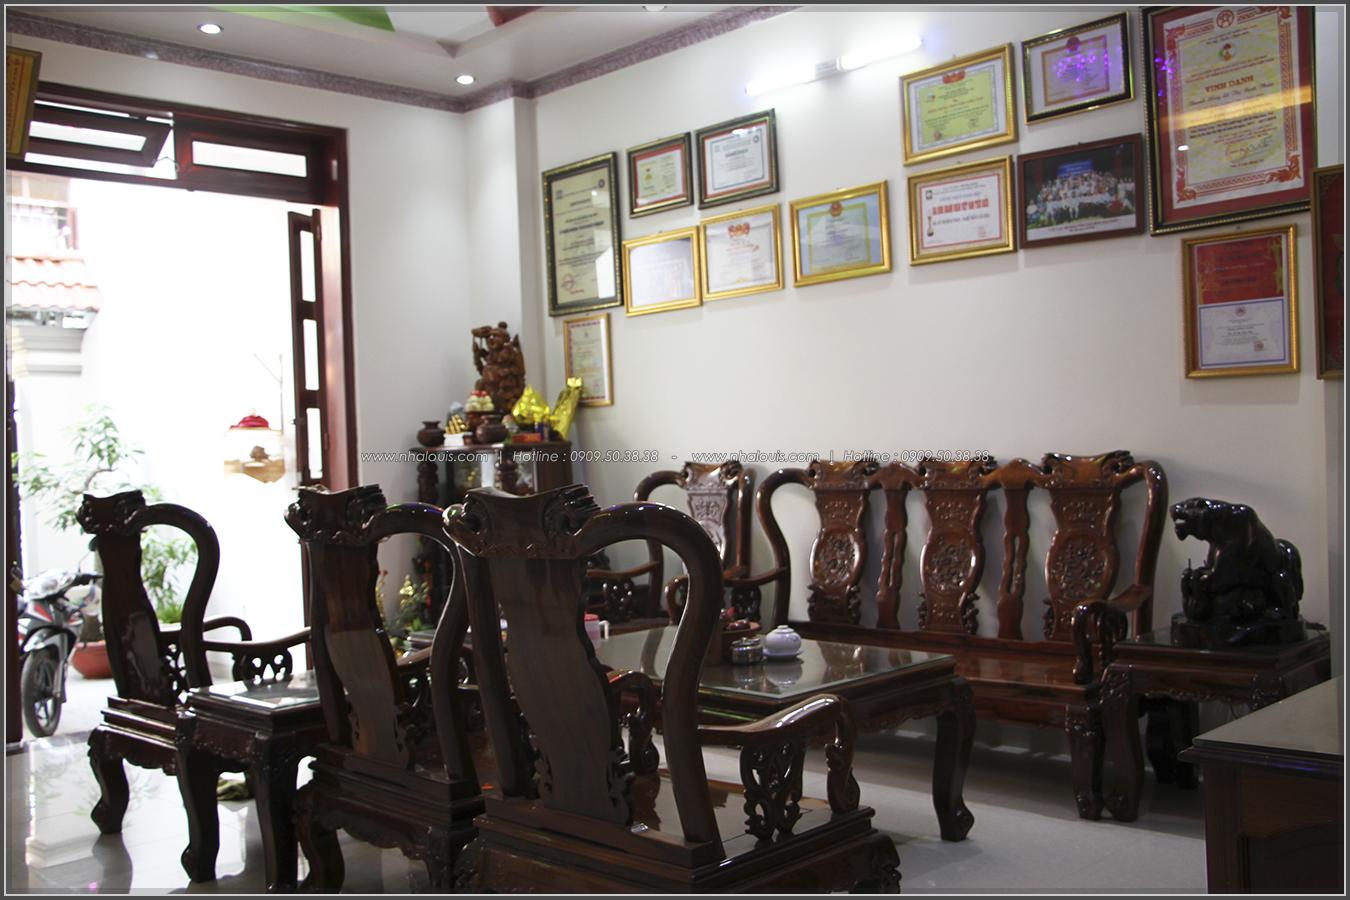 Thi công xây dựng nhà phố 3 tầng hiện đại cực chất tại quận Tân Bình - 05